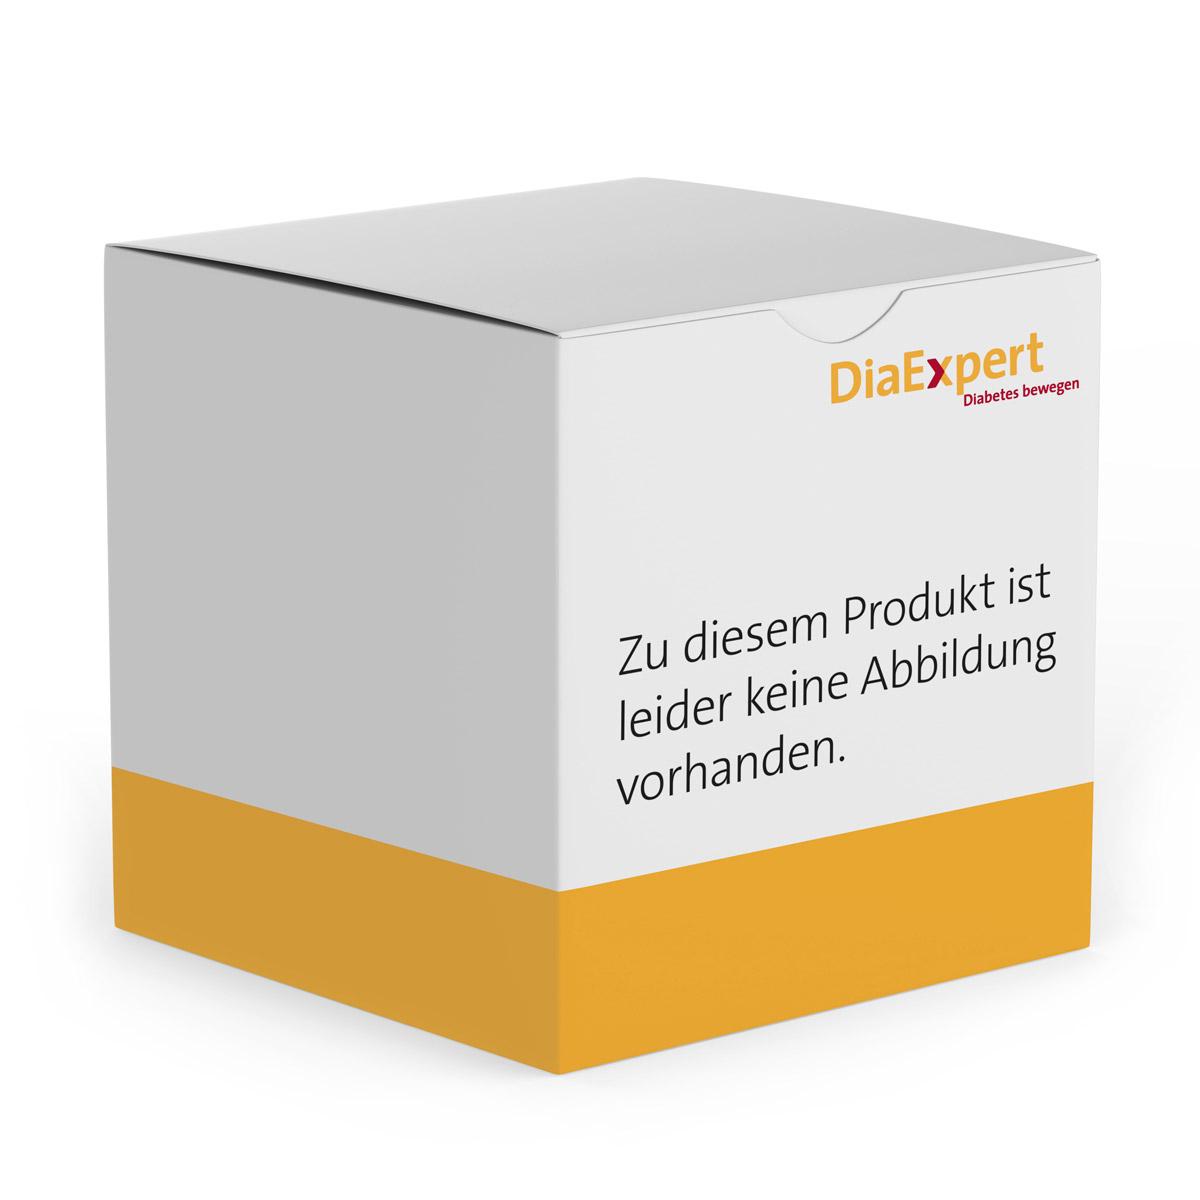 BD Ultra-Fine PRO 0,23 x 4 mm 105 Stück